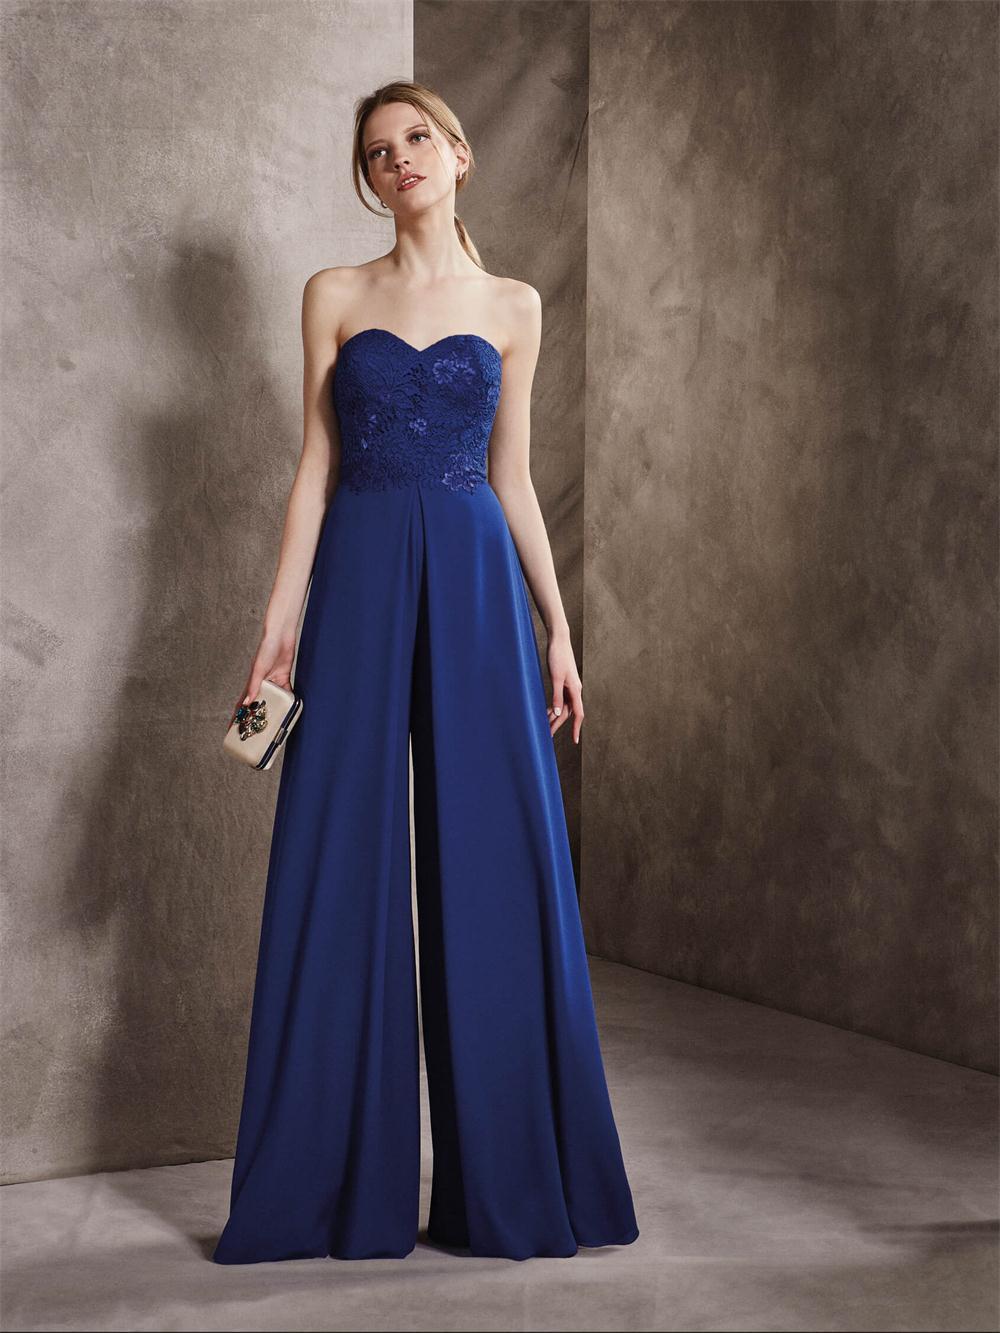 Стильные длинные шифоновые вечерние платья